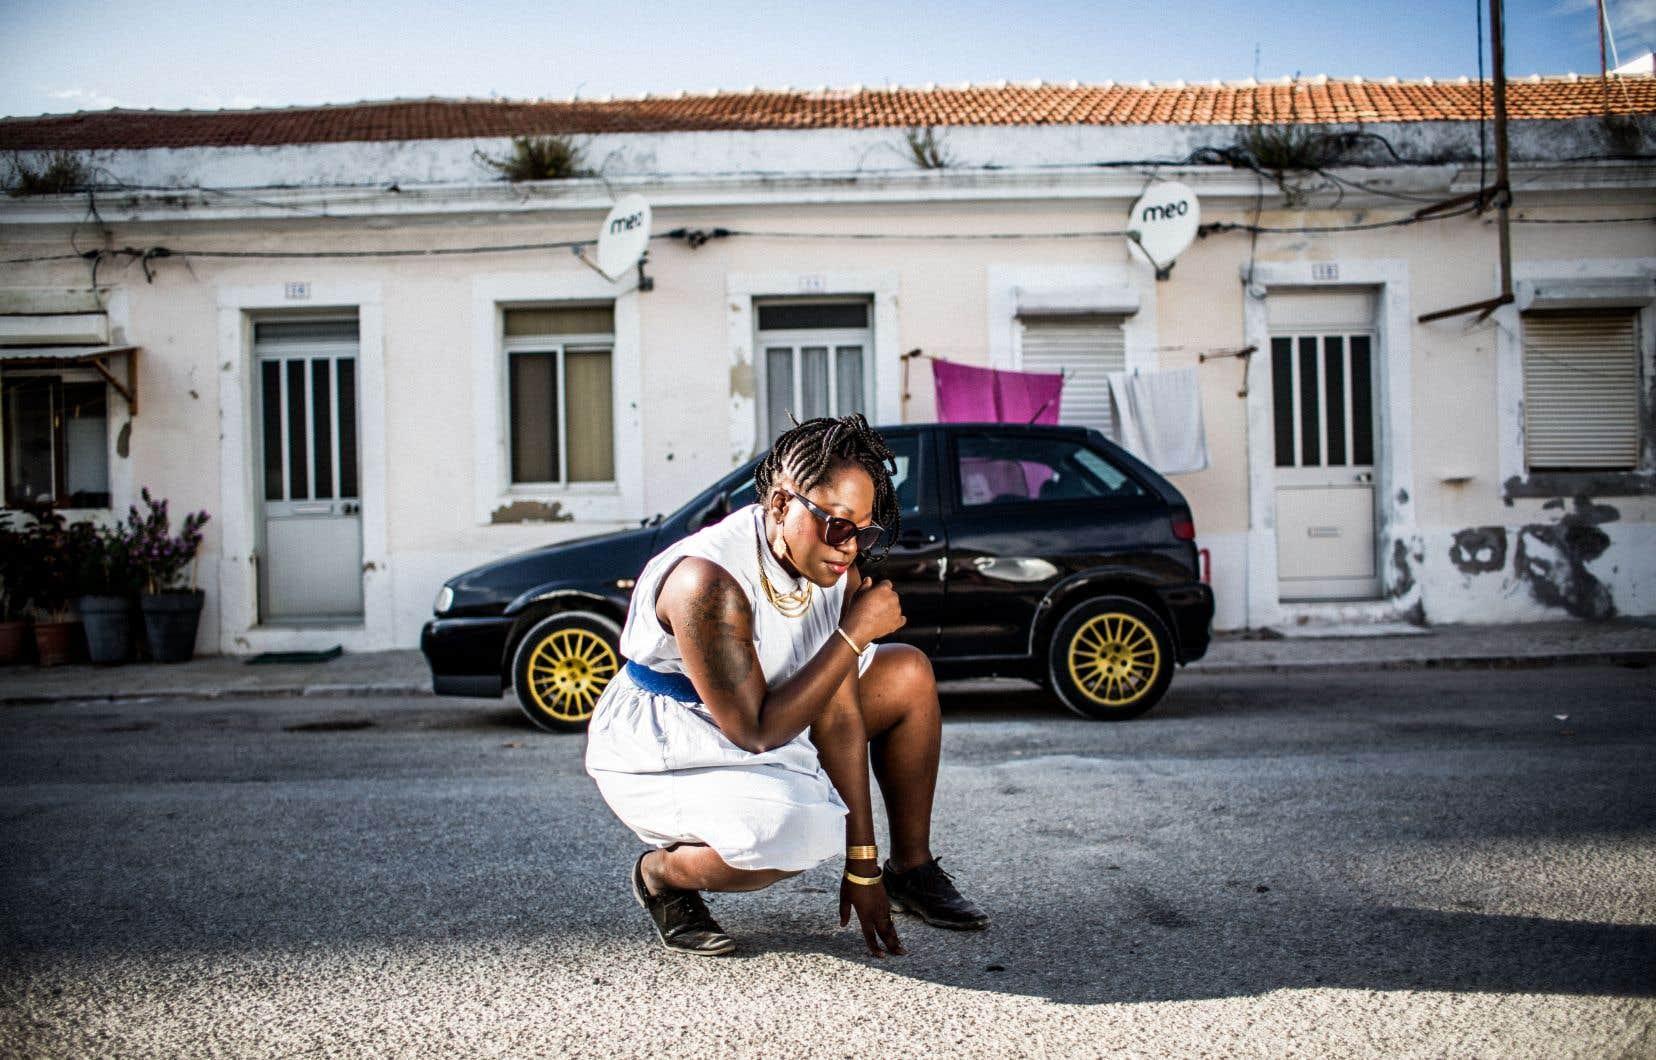 «J'essaie de faire quelque chose de différent à chaque album, résume Mélissa Laveaux. J'ai toujours écouté du hip-hop, j'ai grandi avec ça. Le rap, la musique brésilienne, le trip hop et les musiques électroniques.»